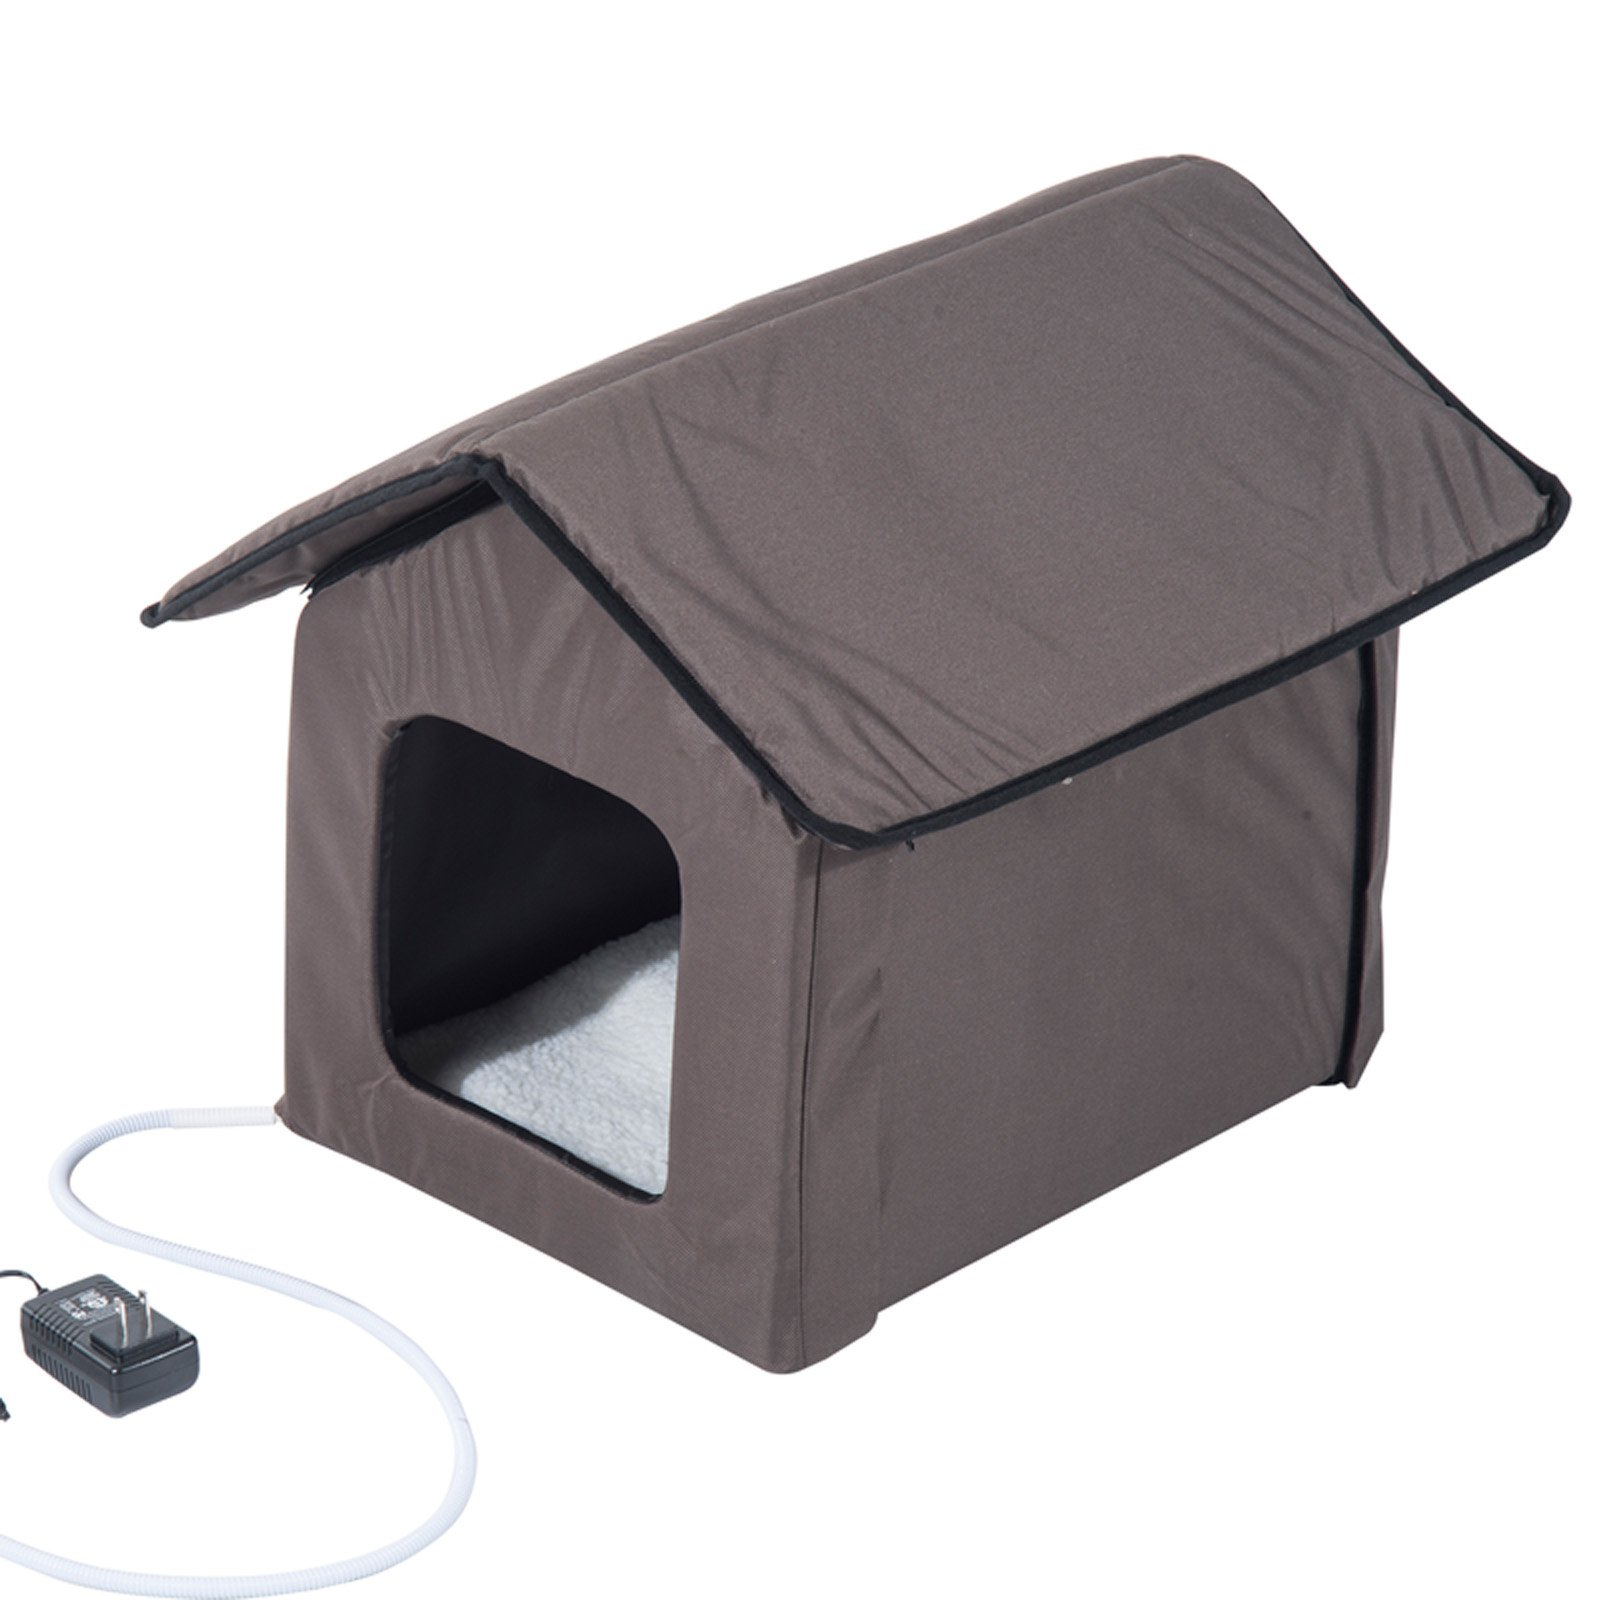 Pawhut Outdoor Heated Standard Frame Cat House Walmart Com